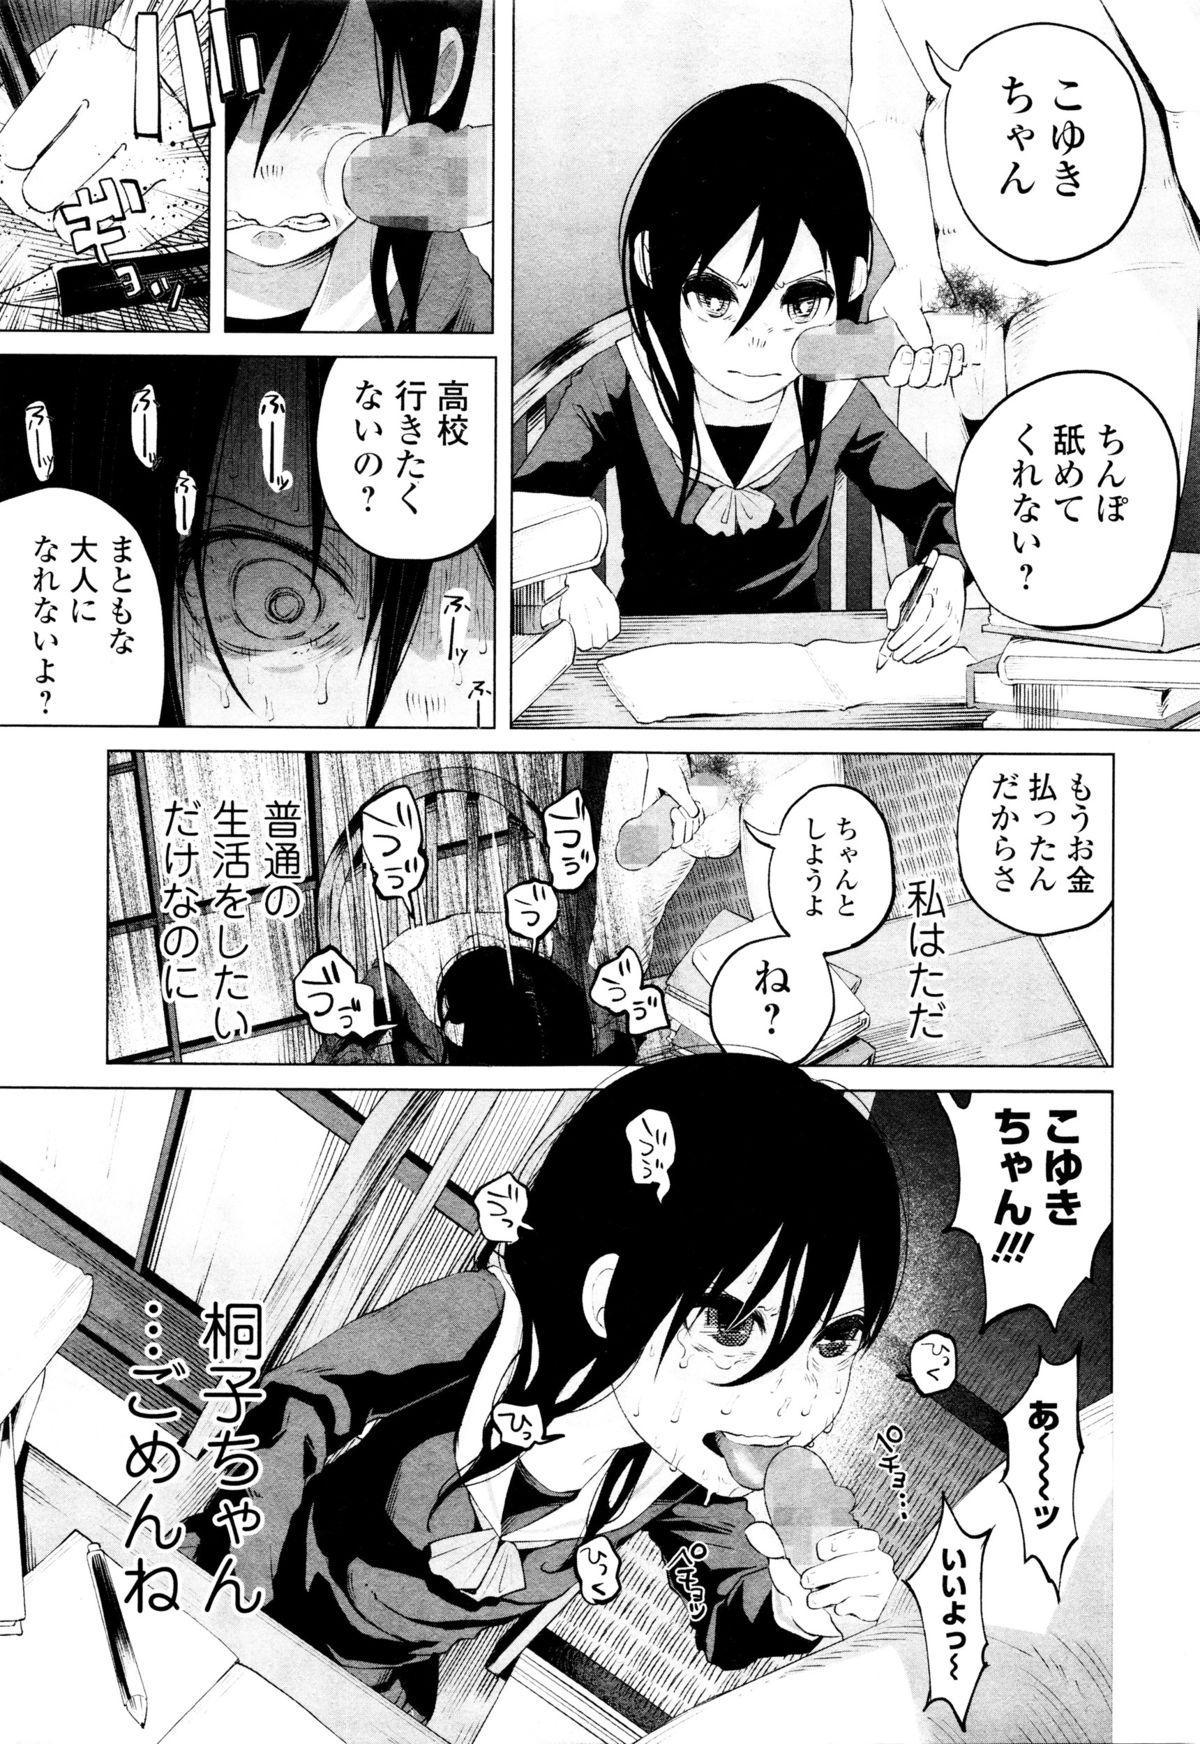 COMIC Mate Legend Vol. 7 2016-02 37